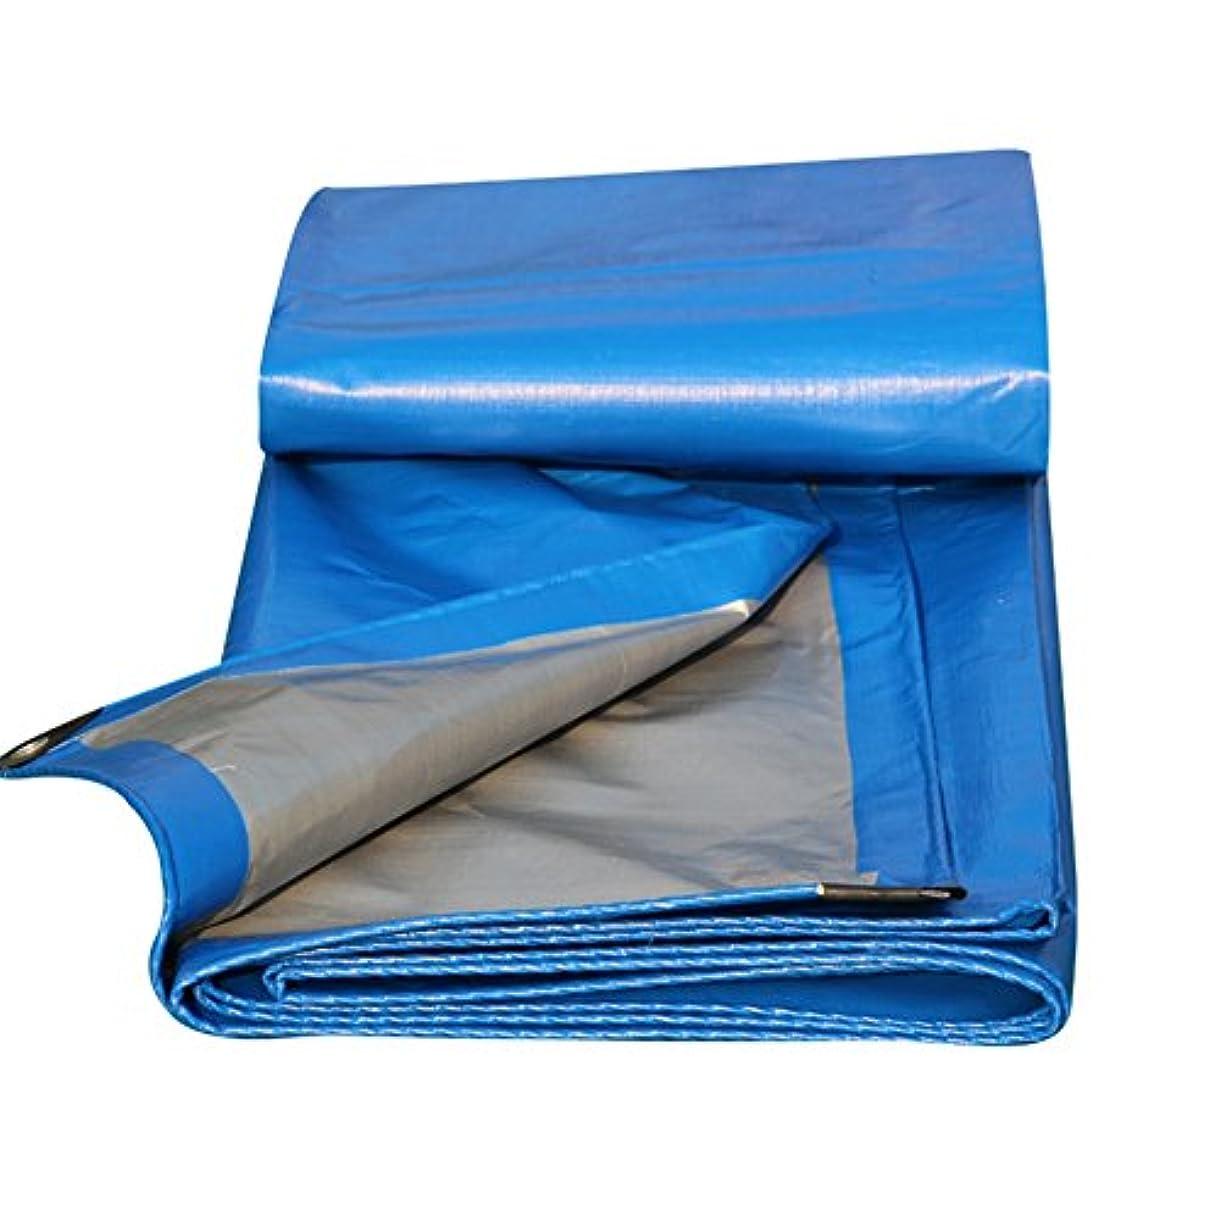 励起帳面テント防水シート肥厚化絶縁防水日焼け止めキャノピー布トラックプラスチック布ポンチョ、利用可能な (Size : 3X5M)